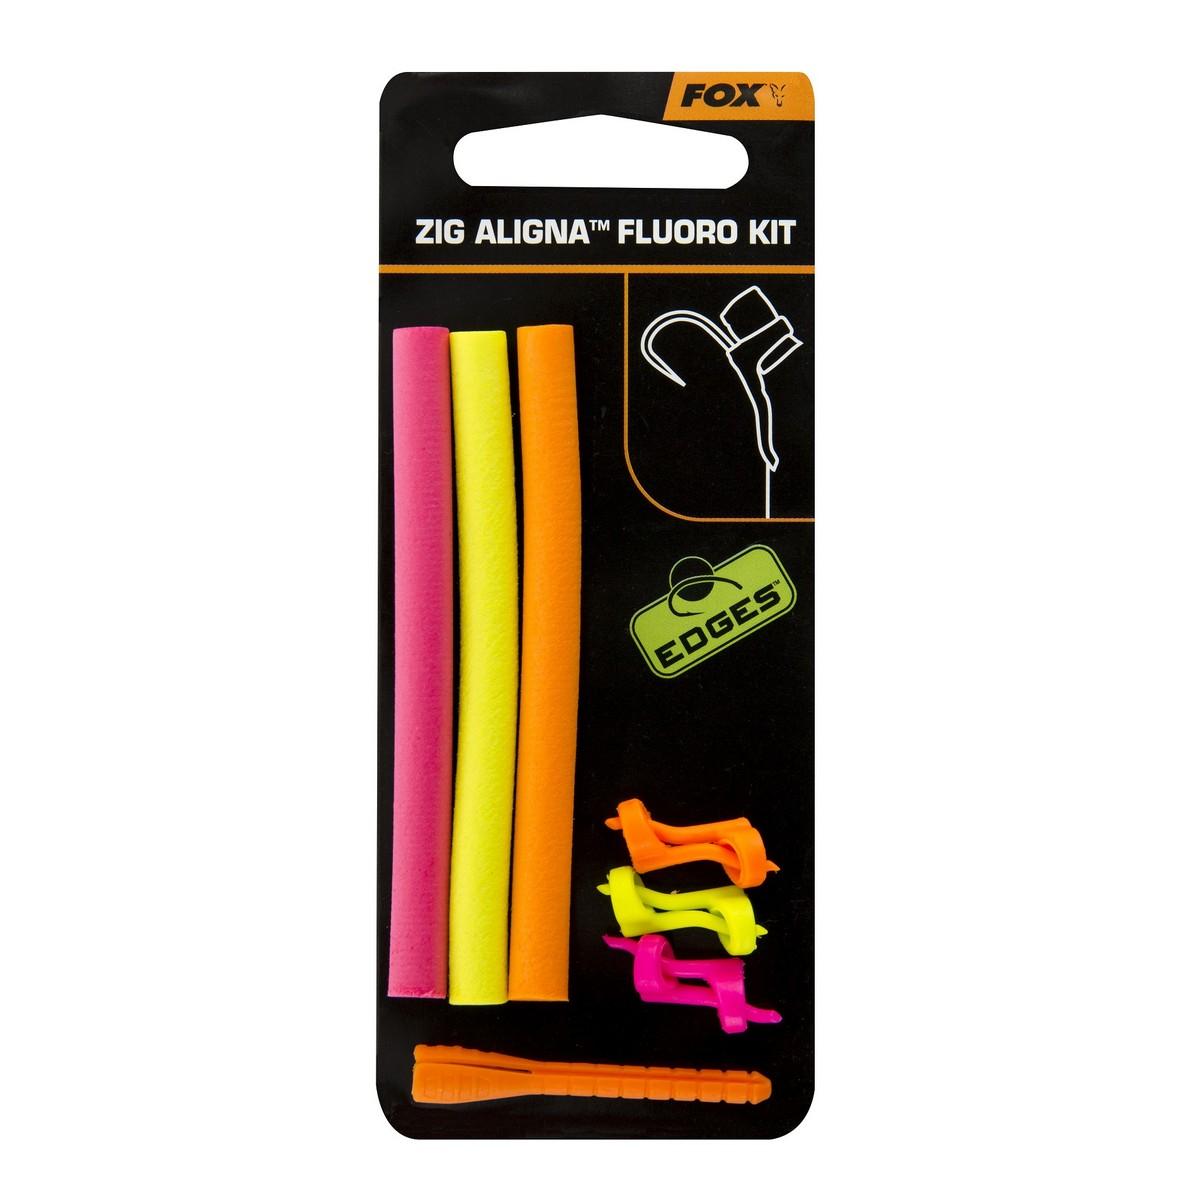 Комплект за Зиг Риг FOX EDGES Zig Aligna Fluoro Kit